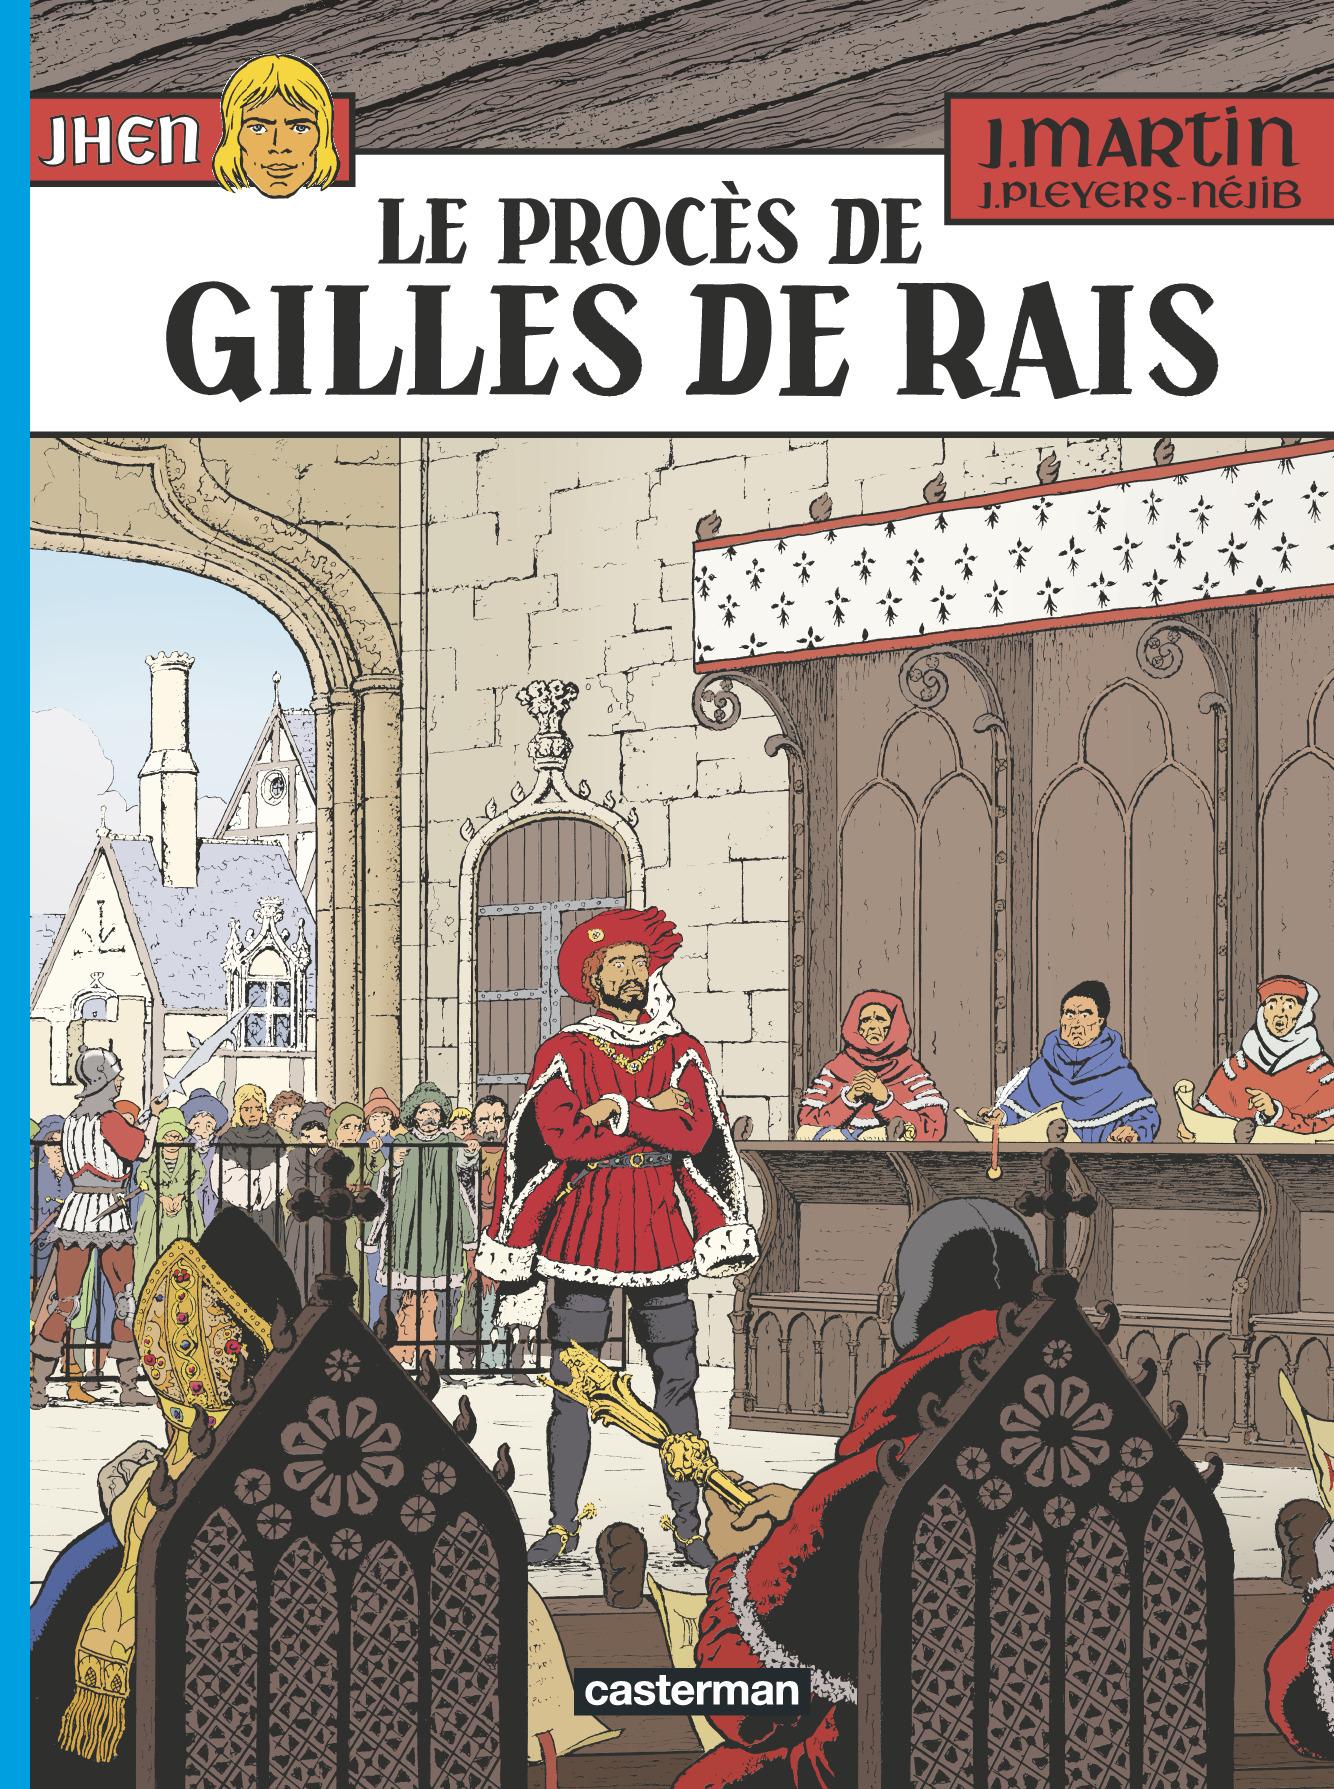 LES ALBUMS DE JHEN - T17 - LE PROCES DE GILLES DE RAIS - JHEN